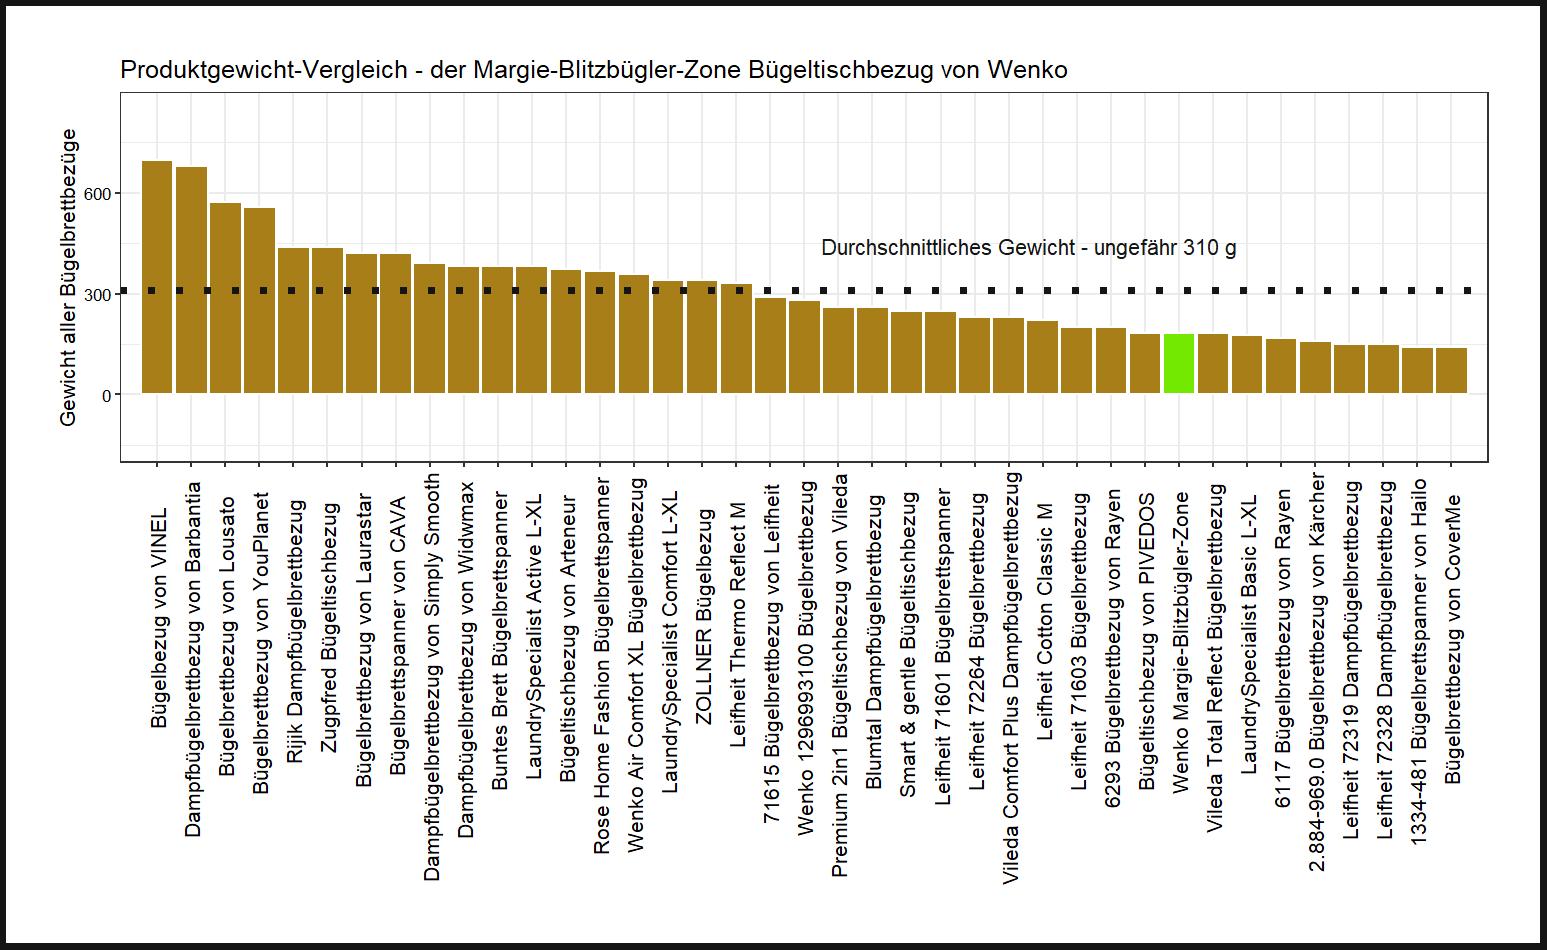 Gewicht-Vergleich von dem Wenko Bügelbrettbezug Margie-Blitzbügler-Zone